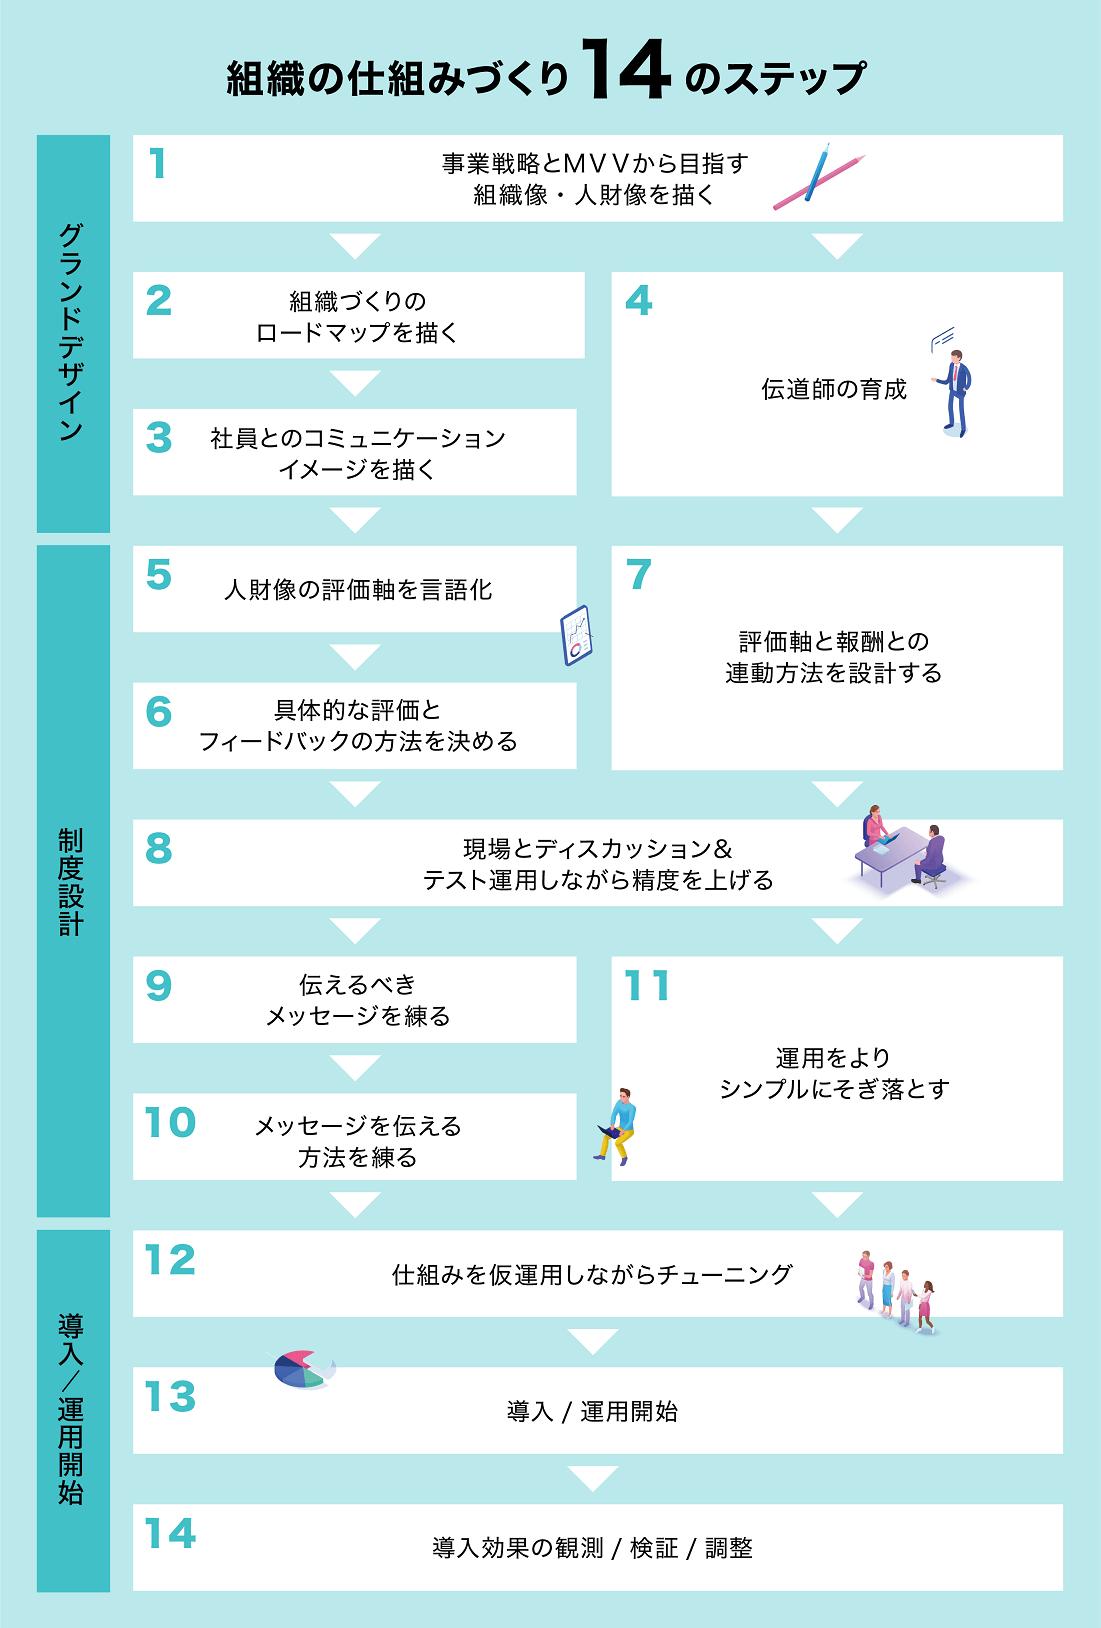 組織の仕組みづくり14のステップ